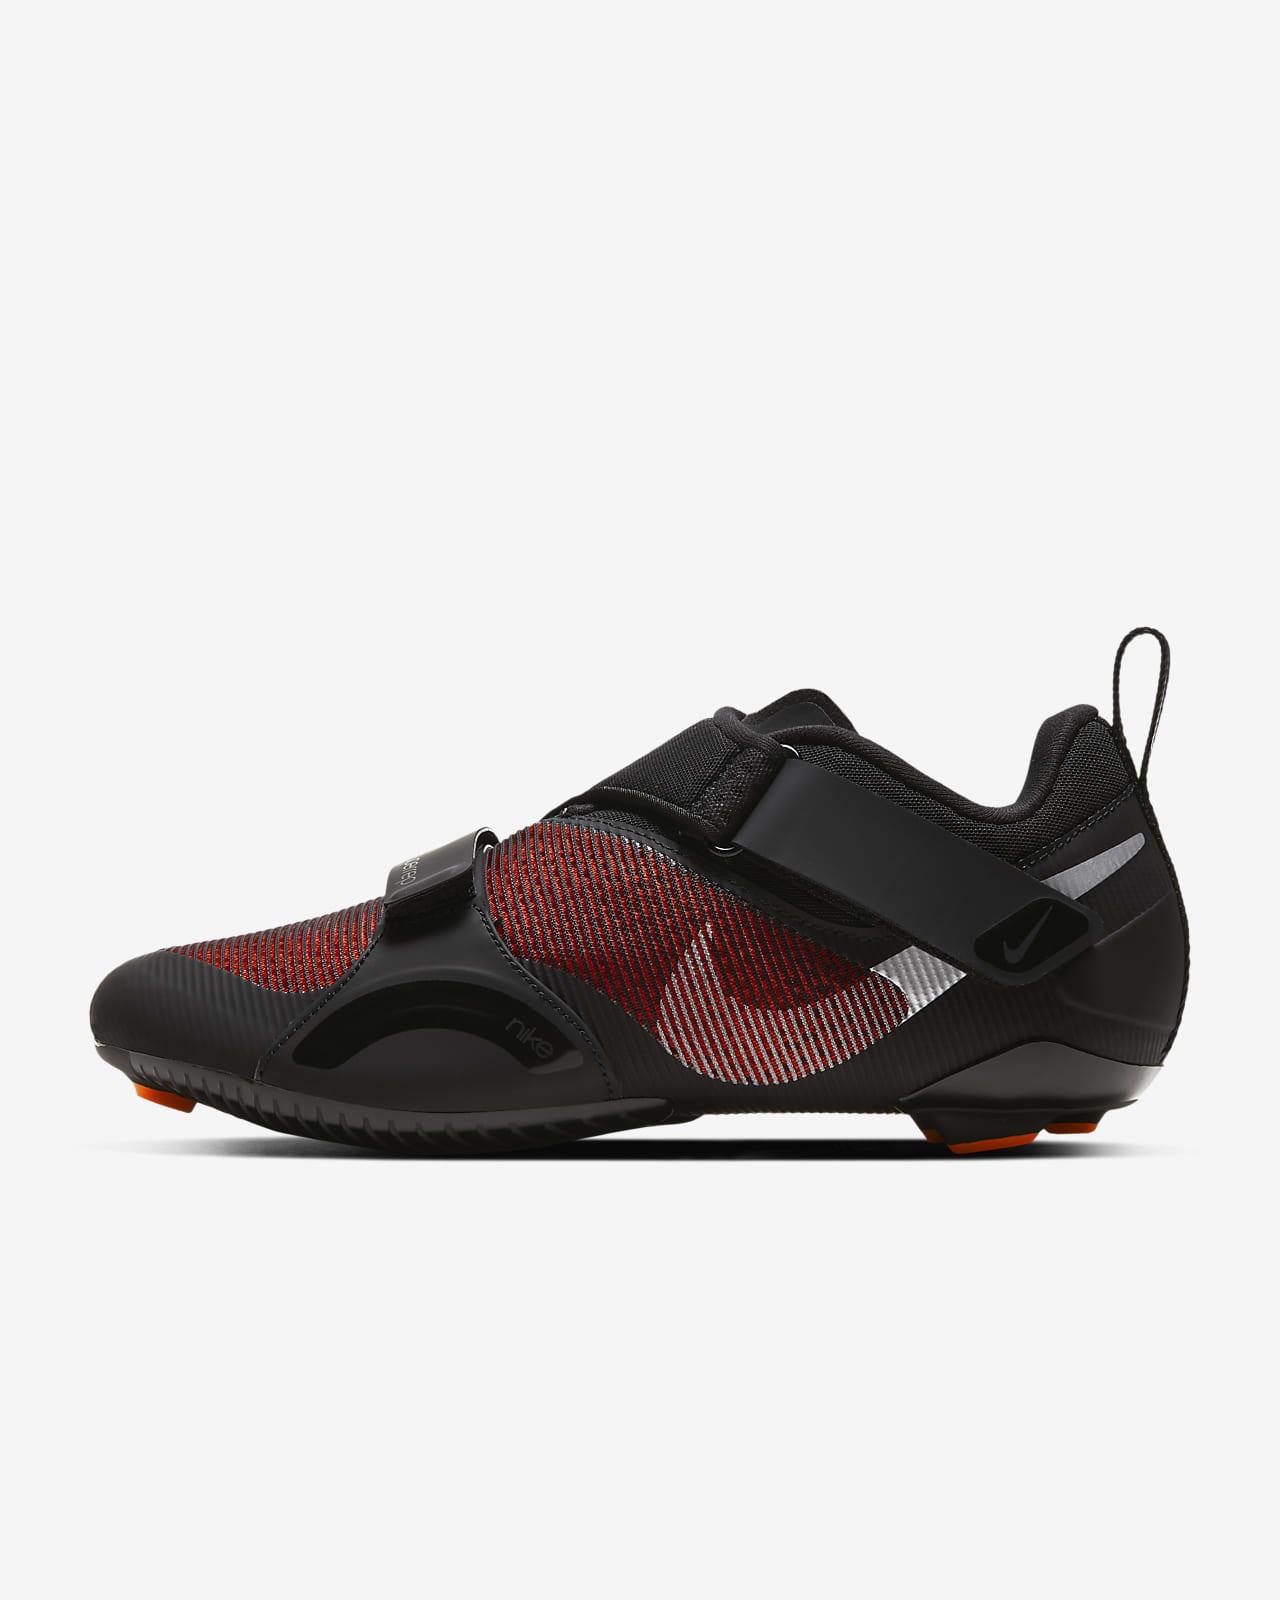 Nike SuperRep Cycle Kadın Kondisyon Bisikleti Ayakkabısı